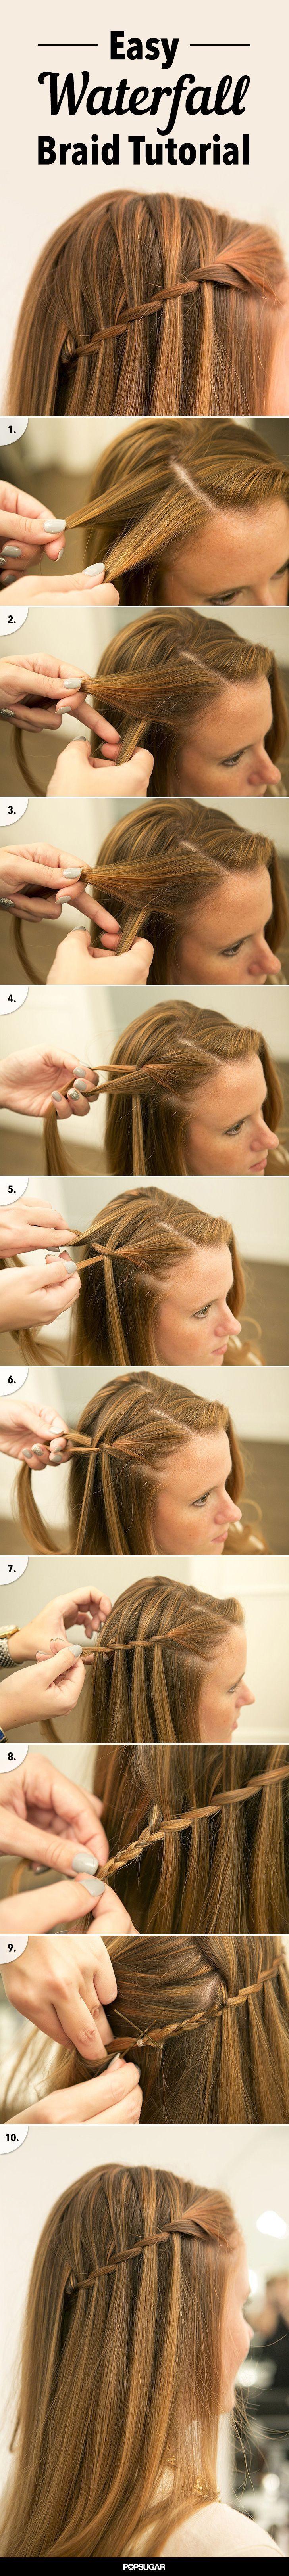 Easy Waterfall Braid Tutorial hair hair ideas diy hair hair tutorials hair ideas braids